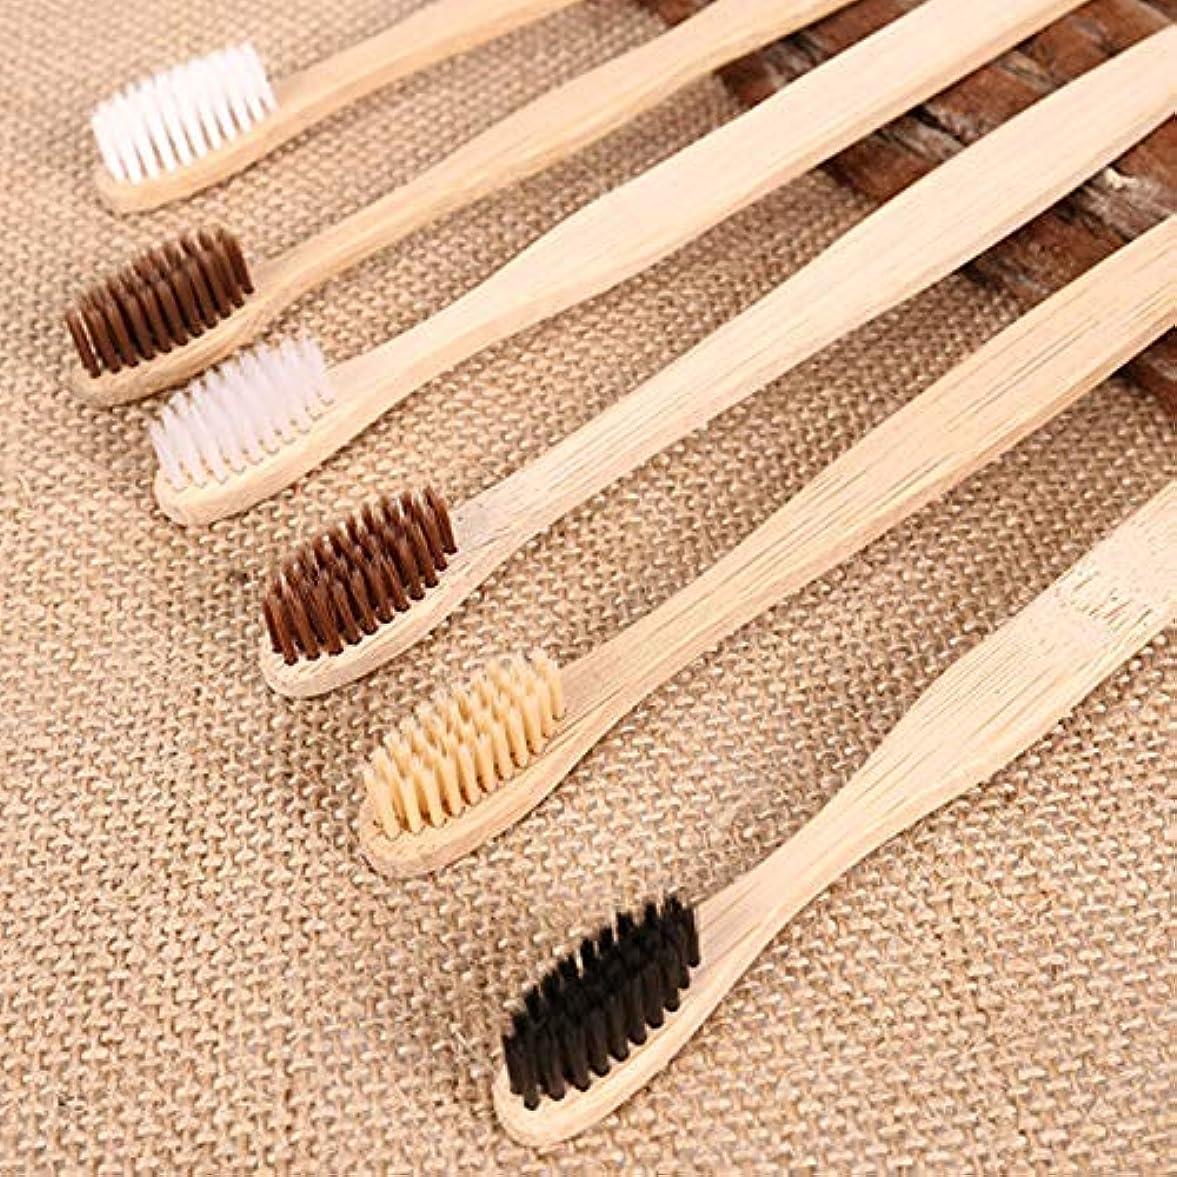 新着地下波紋DC 木製歯ブラシ 使い捨て 歯ブラシ ホテル用 業務用 出張 旅行 温泉旅行用品